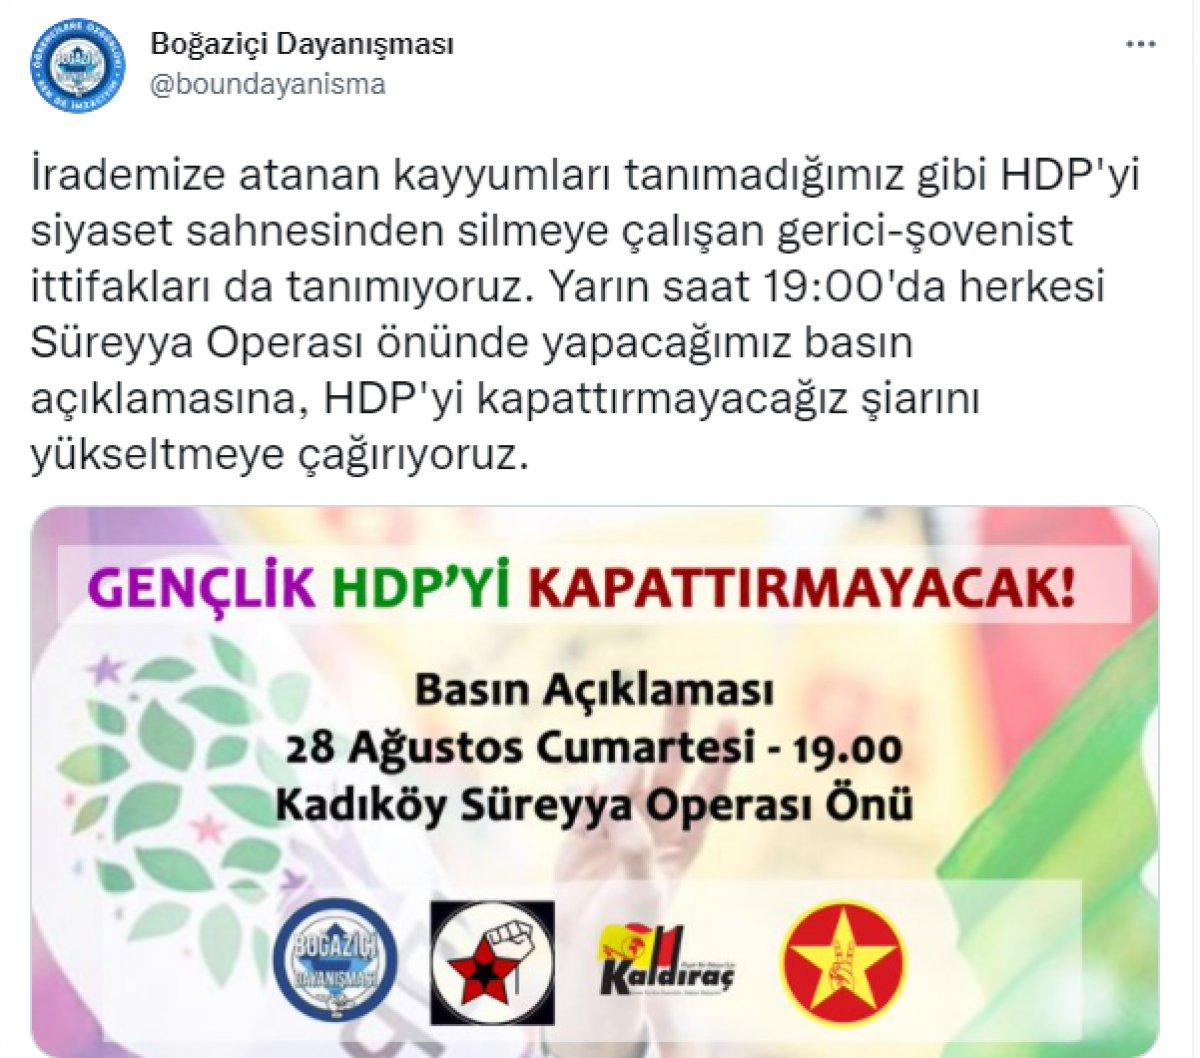 Boğaziçi Üniversitesi ndeki eylemciler HDP yi savunmaya kalktı  #1